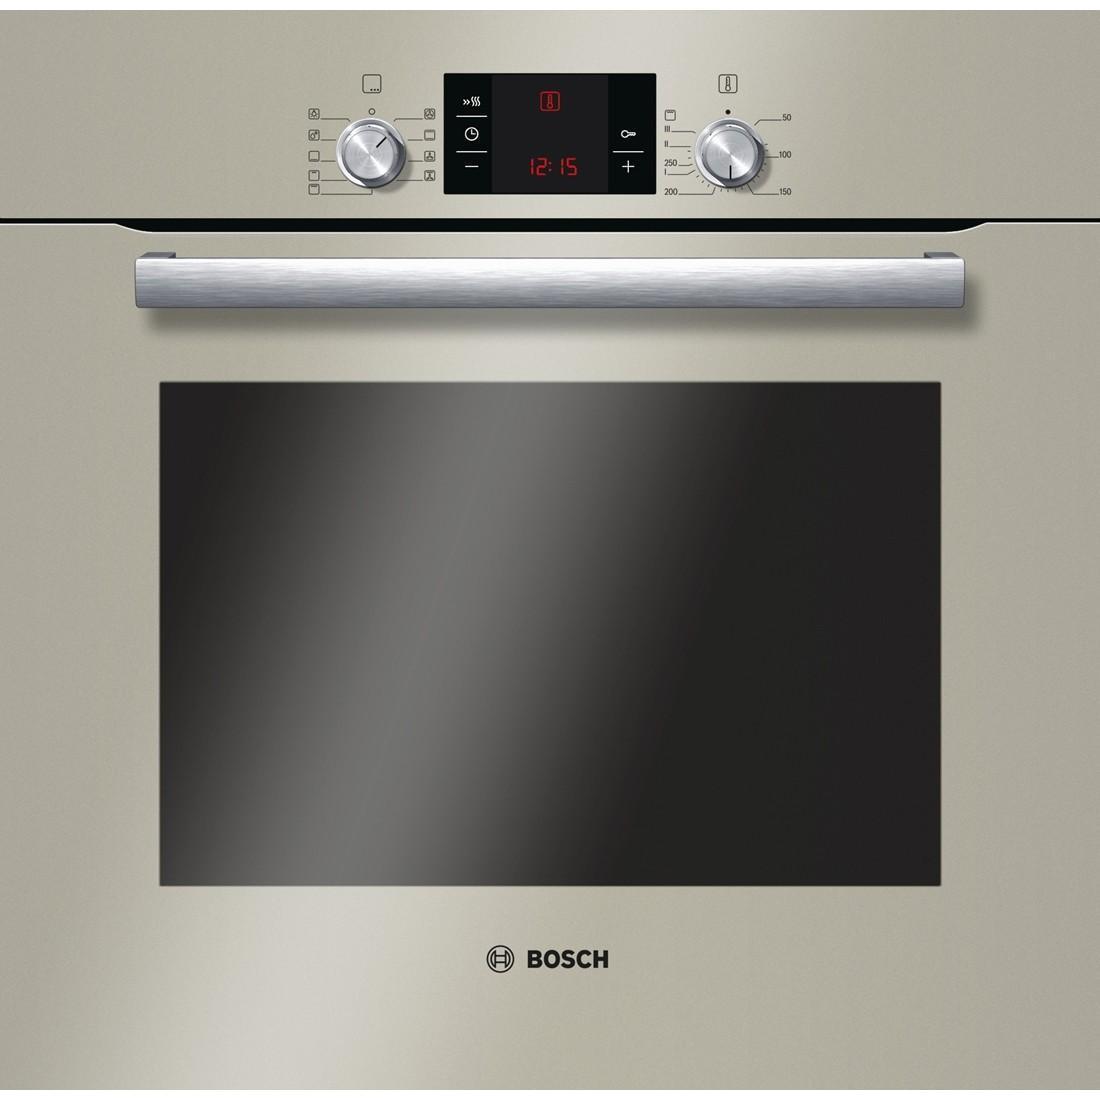 Bosch HBG33B530 духовка встраиваемаяHBG33B530Духовой шкаф Bosch HBN211E4 облегчит вам процесс приготовления благодаря уникальной системе нагрева Multifunktion. Объем шкафа – 67 л позволит приготовить большой объем блюд, сэкономив ваше время и силы. Наличие 4 режимов нагрева позволит вам приготовить курочку гриль, разморозить продукты или приготовить любую выпечку. Благодаря режиму «Горячий воздух» вы сможете приготовить два блюда одновременно благодаря равномерному распределению воздуха в духовом шкафу. Данная модель оснащена механическим таймером, который сообщит вам о готовности блюда, а наличие освещения облегчит процесс приготовления. Духовой шкаф Bosch HBN211E4 поможет вам готовить изысканные блюда для всей семьи.